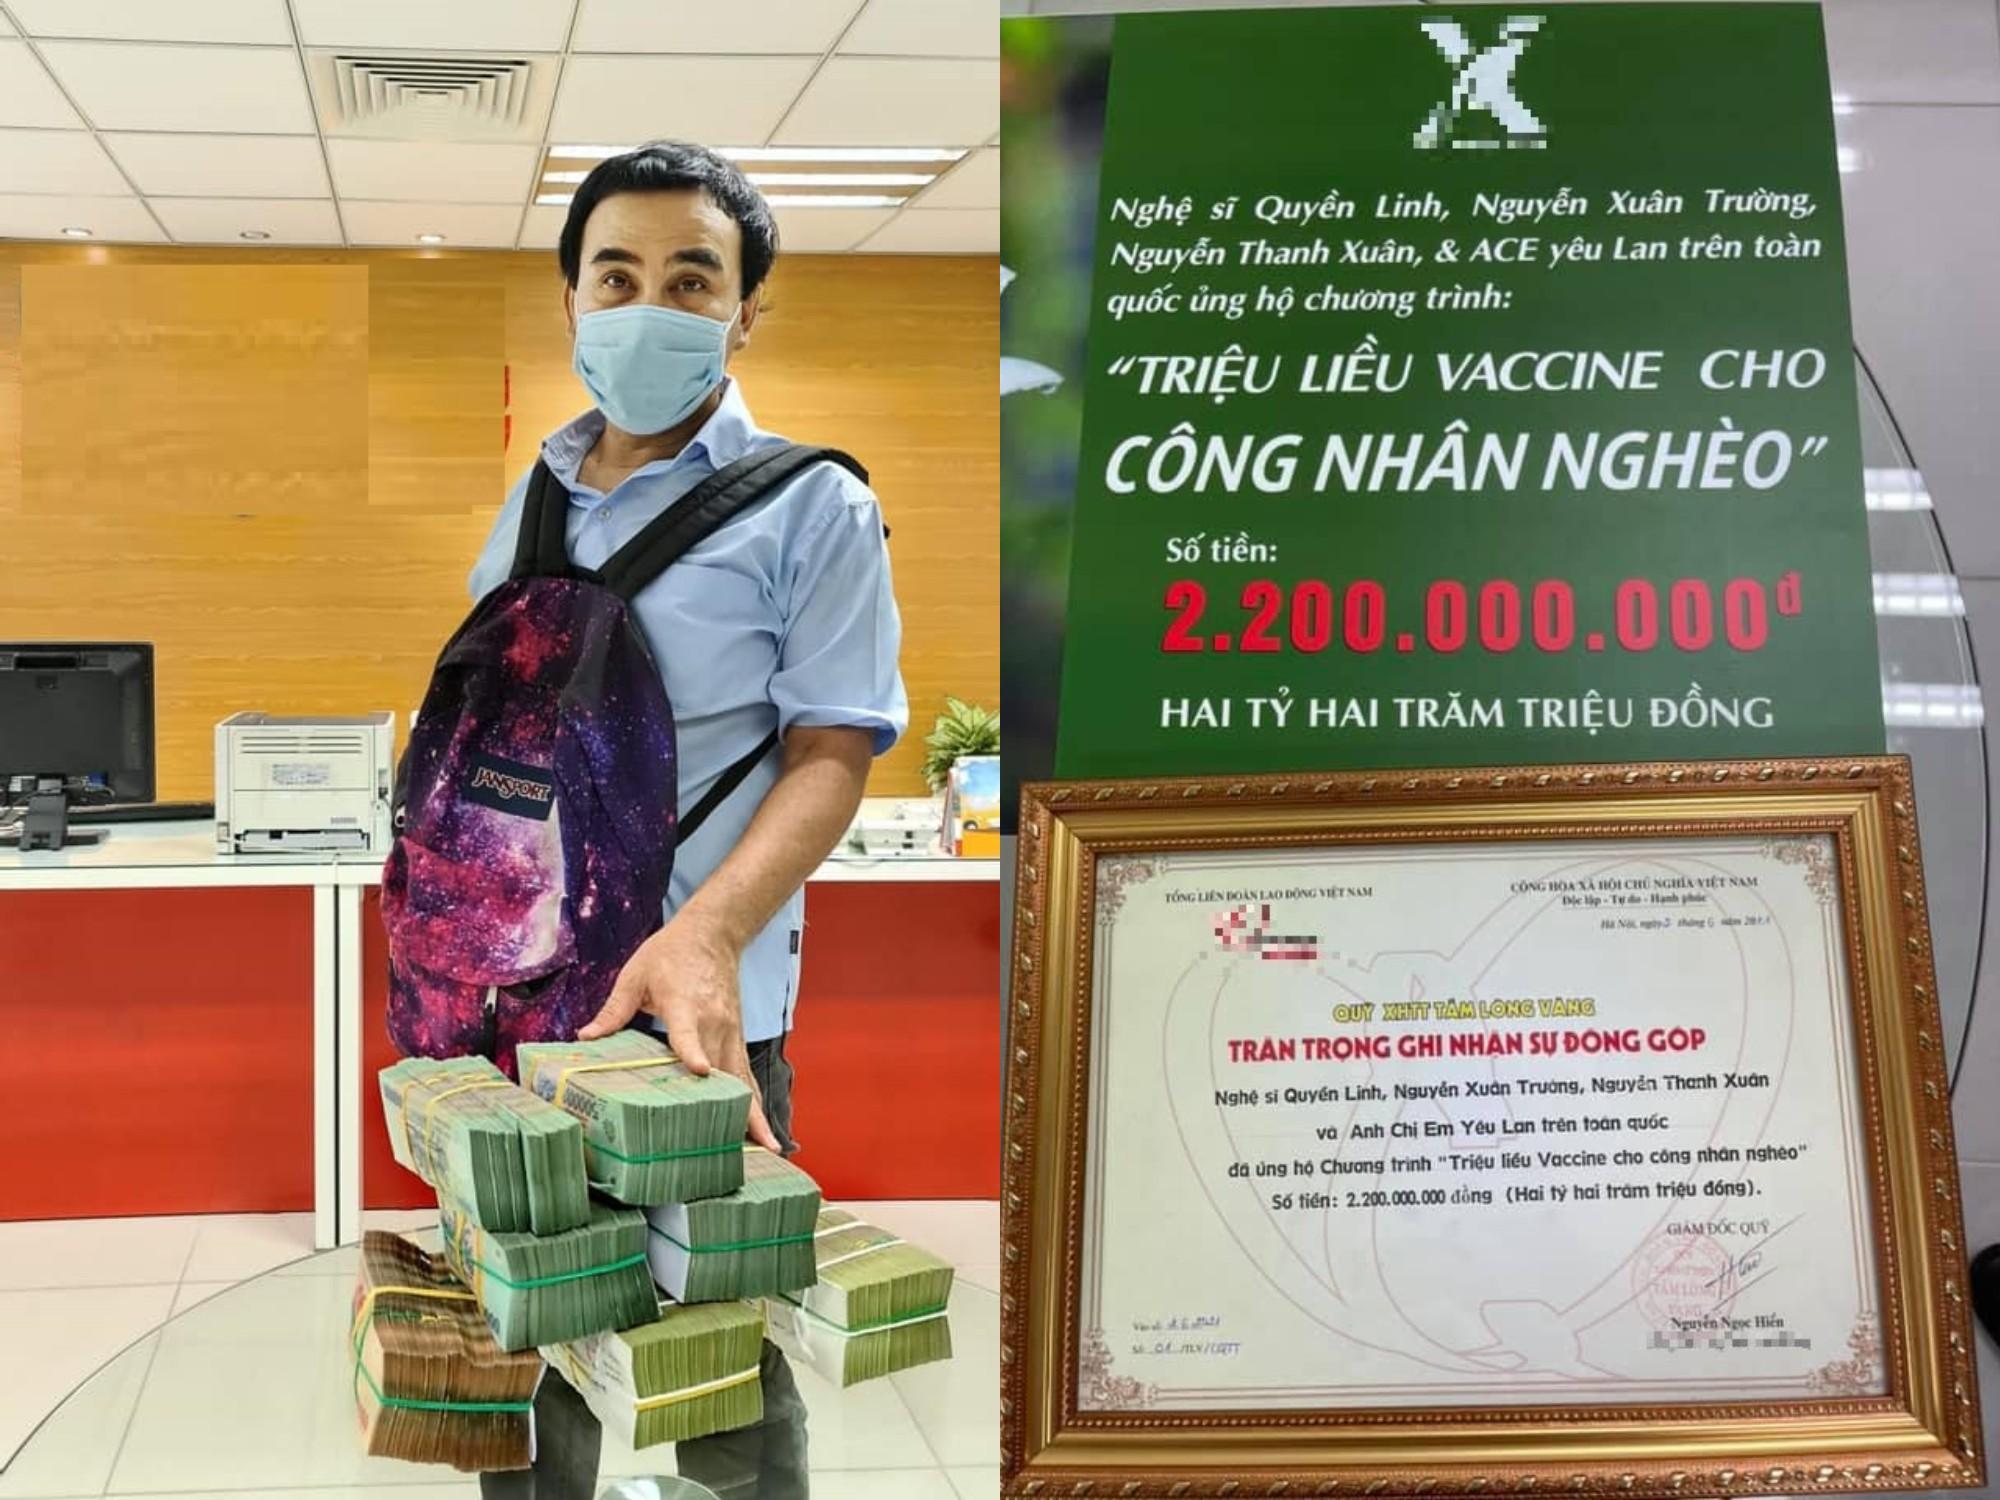 Ủng hộ MC Quyền Linh góp hơn 2 tỷ chống dịch, NS Hồng Vân và Vân Dung bị chất vấn kém duyên - hình ảnh 1